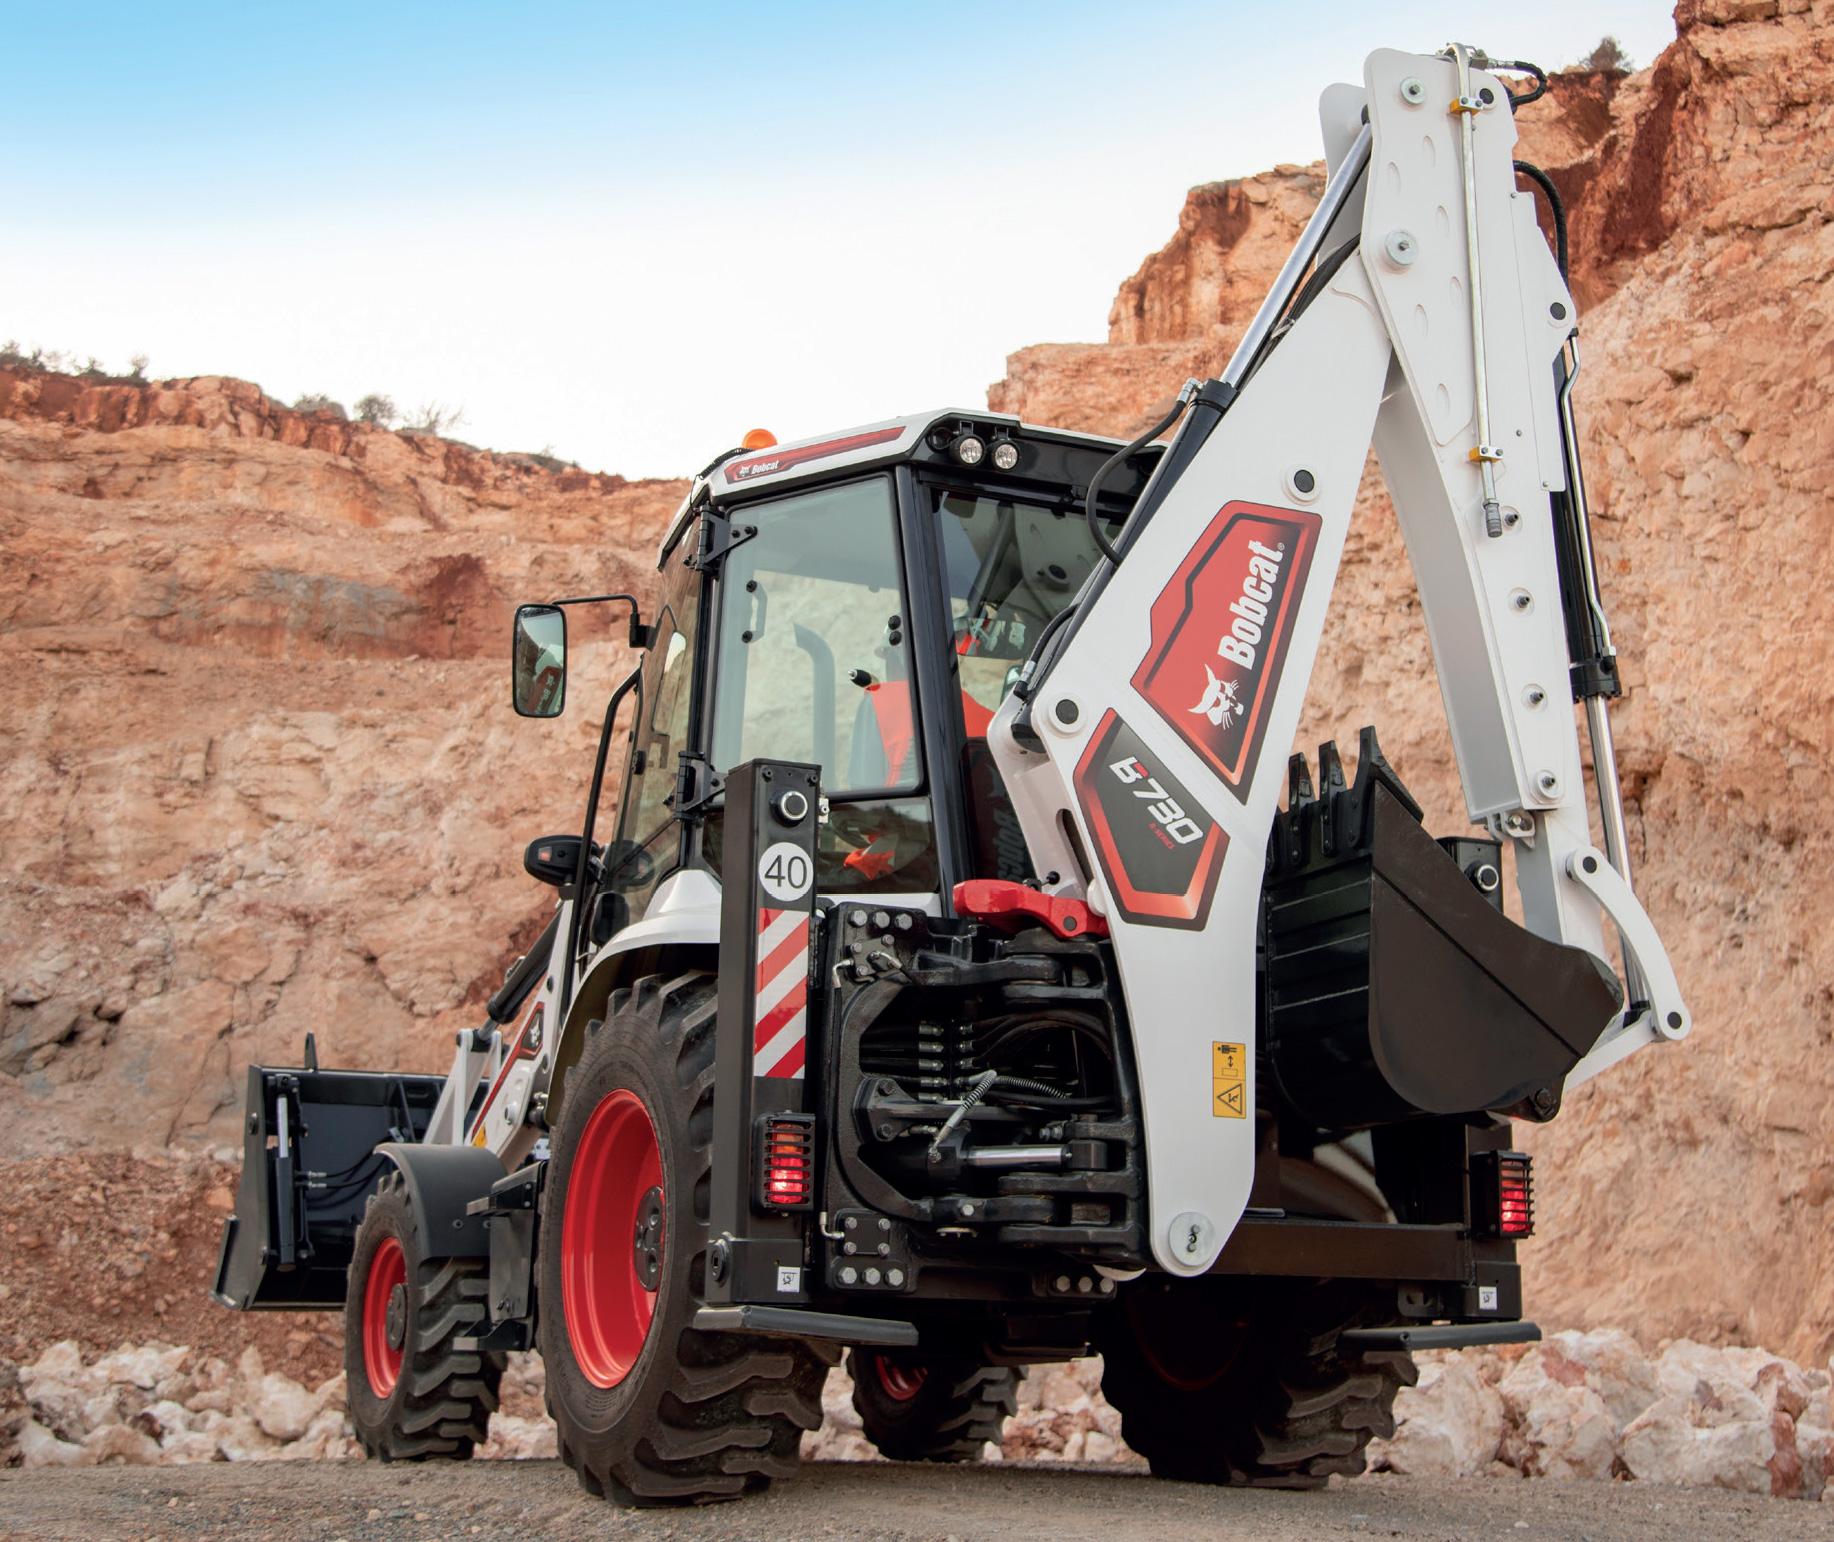 The TBL B730 R-Series Digger Loader